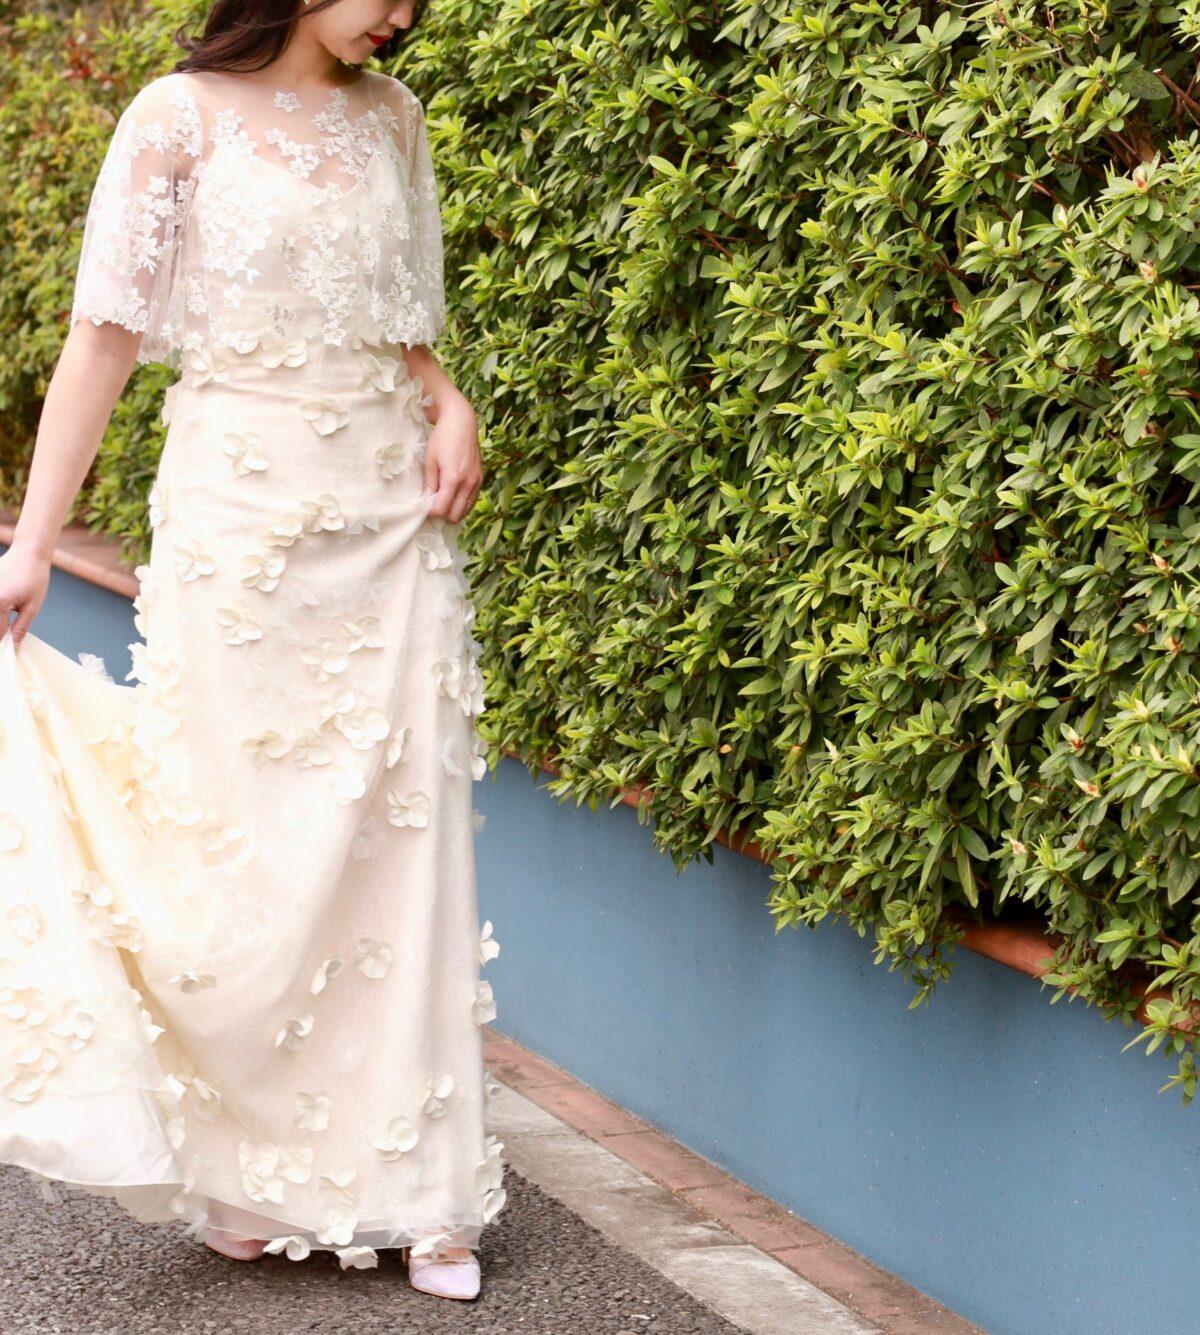 東京表参道にあるウェディングドレスのセレクトショップ、ザトリートドレッシングアディション店が夏の結婚式にオススメする、フラワーモチーフのウェディングドレスとボレロを合わせたコーディネート。